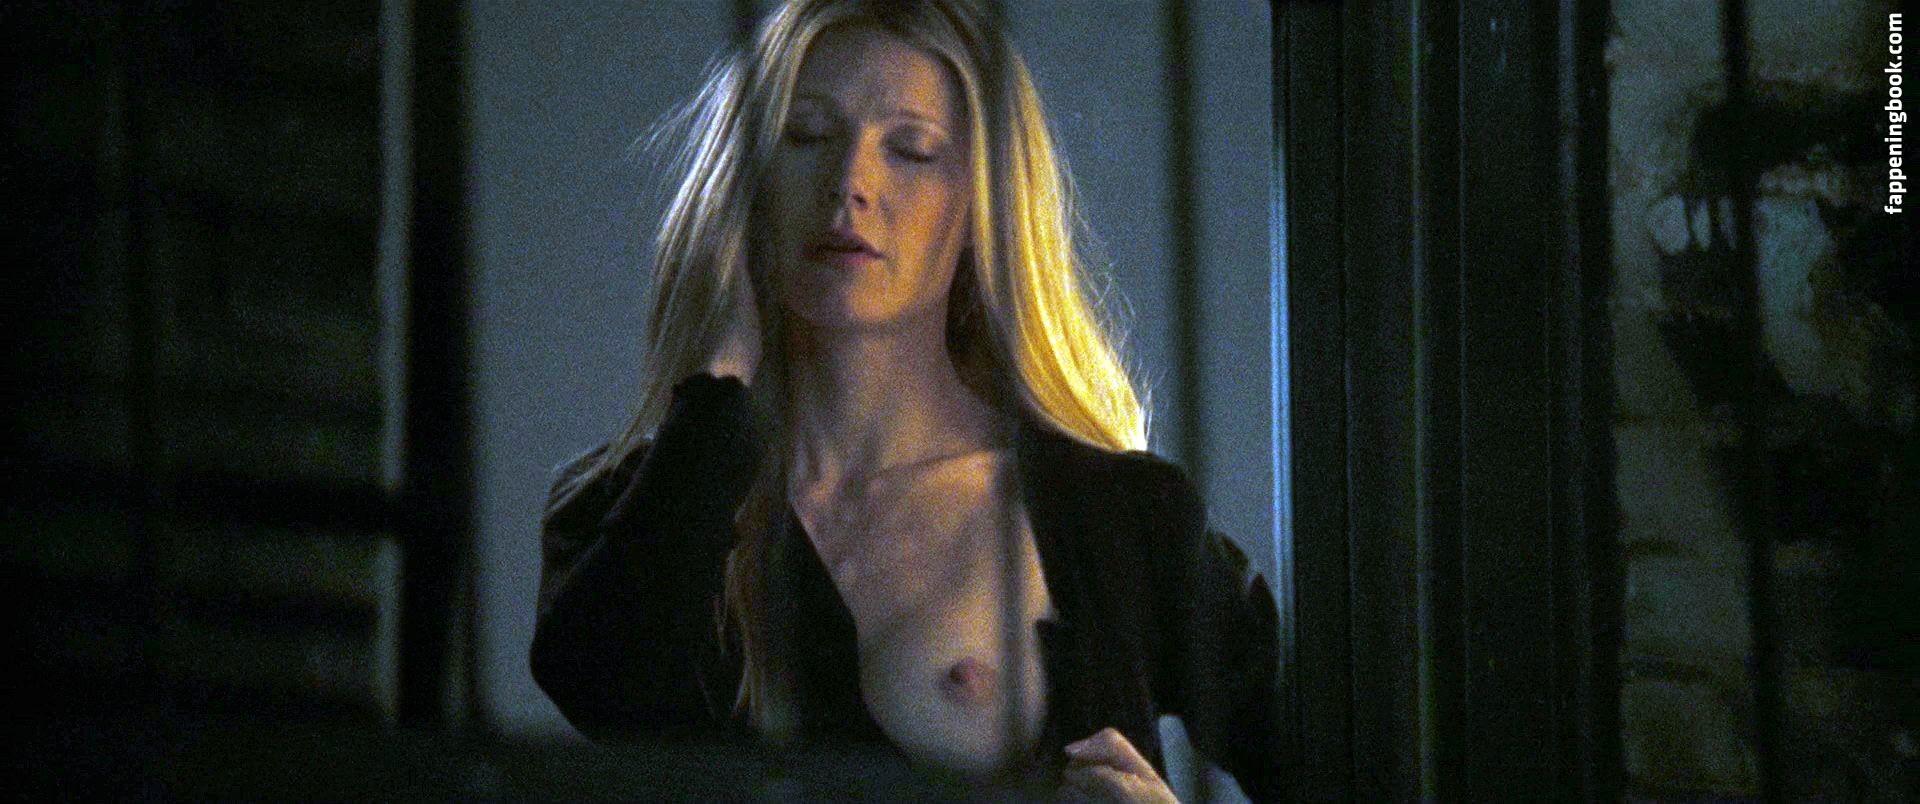 Brad pitt gwyneth paltrow nude